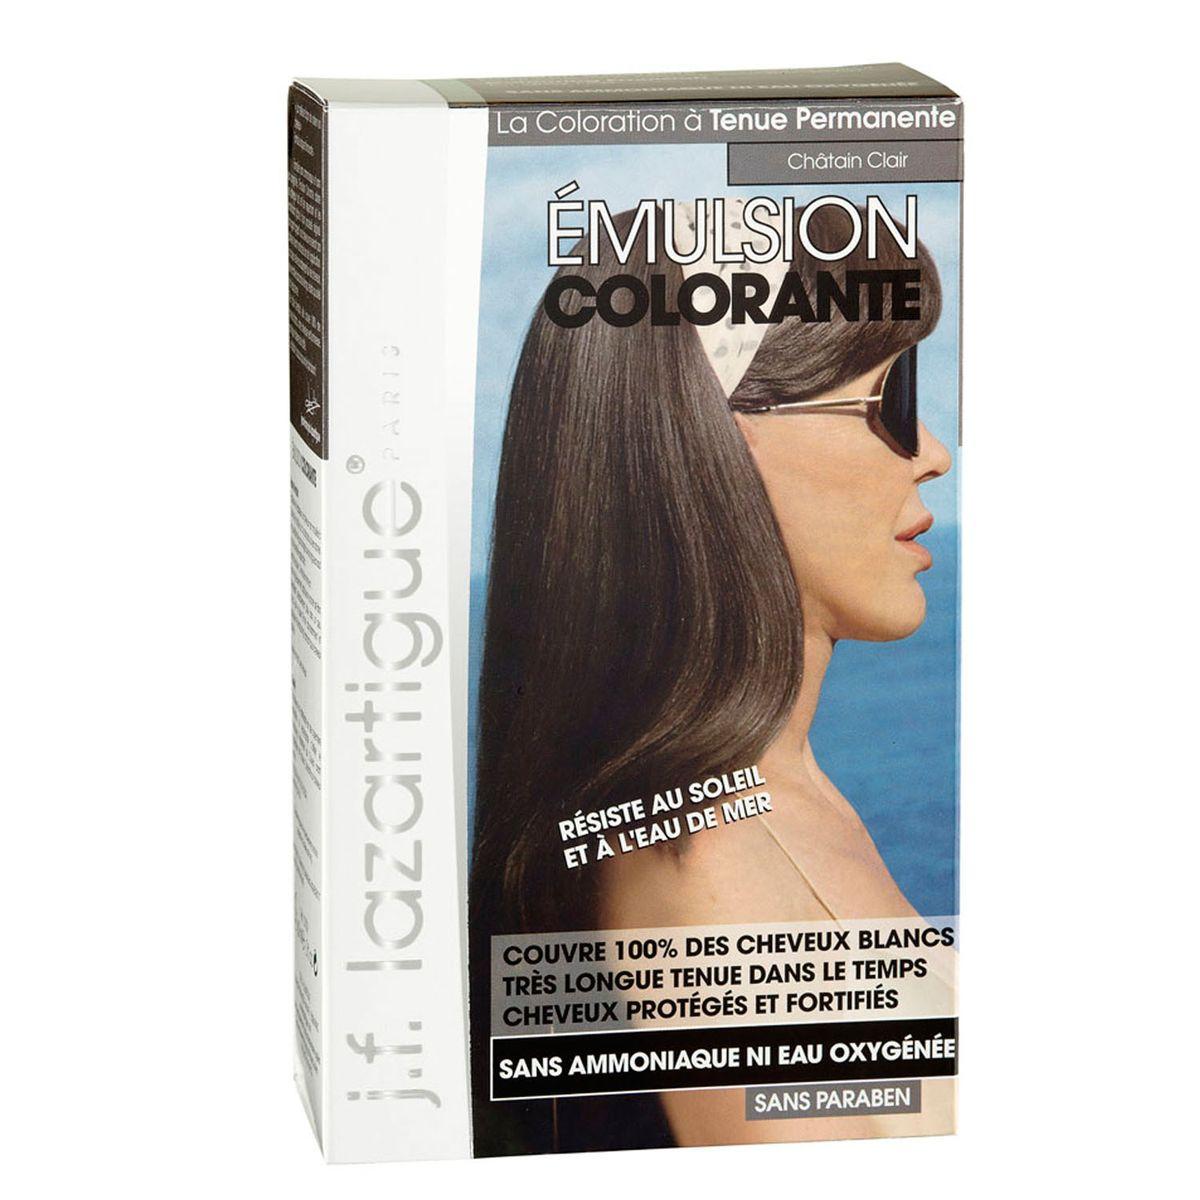 J.F.Lazartigue Оттеночная эмульсия для волос Светлый каштан 60 млA6212027Благодаря оригинальной формуле полностью (на 100%) скрывает седину, длительное время сохраняет цвет, поддерживает здоровье и жизненную силу волос и сохраняет эти качества, несмотря на воздействие солнечных лучей, морской воды и прочих неблагоприятных экологических факторов. Не осветляет, не повреждает, а укрепляет волосы. Не содержит аммиака, перекиси водорода и парабенов. Не предназначена для окрашивания бровей и ресниц.